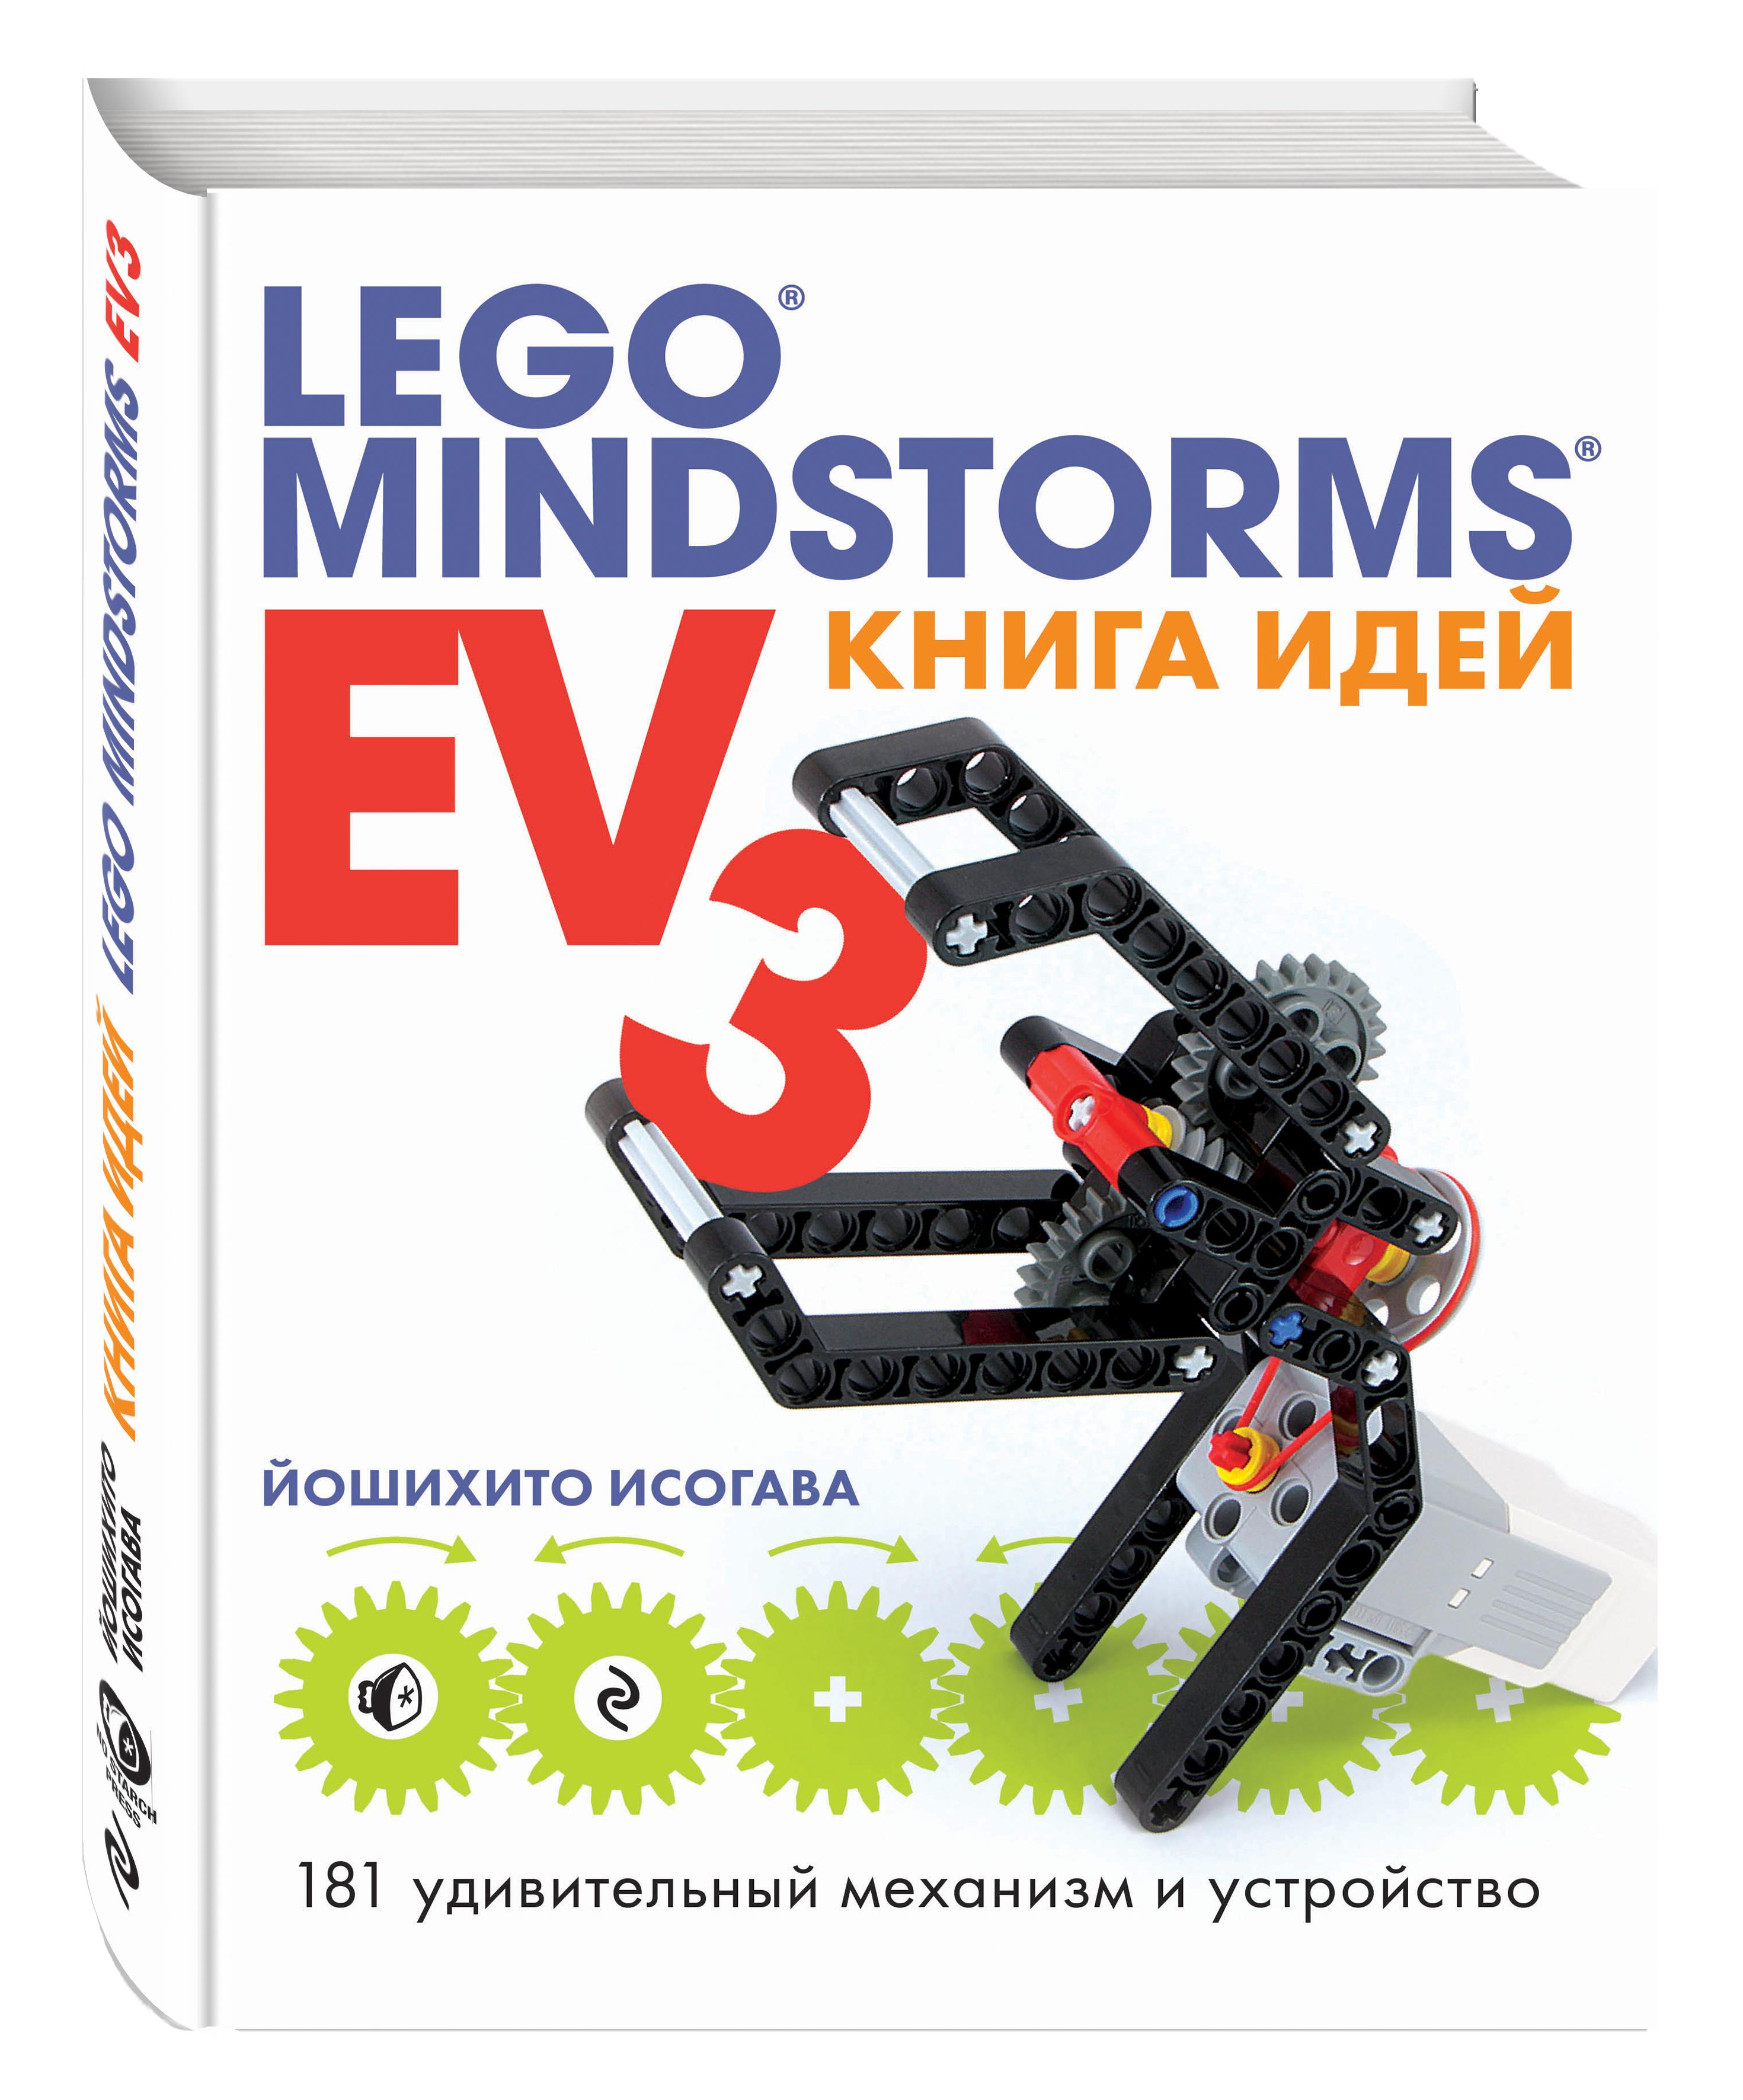 Исогава Й. Книга идей LEGO MINDSTORMS EV3. 181 удивительный механизм и устройство книги эксмо большая книга lego mindstorms ev3